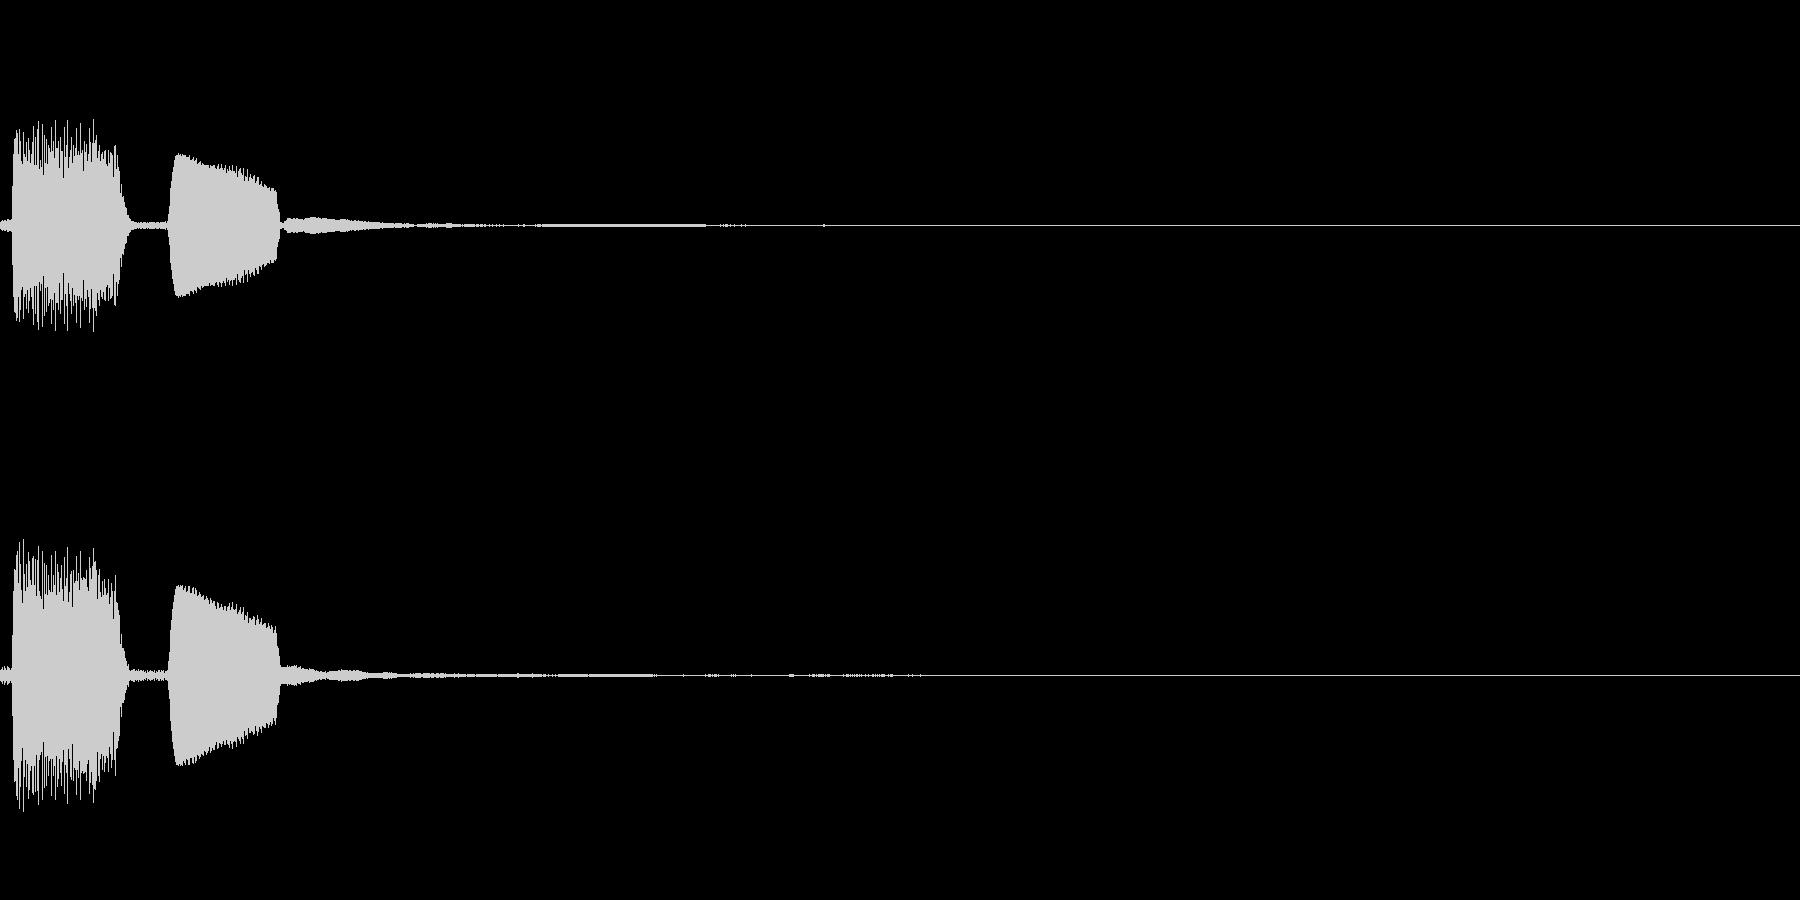 【システム音セット01-クリック】の未再生の波形